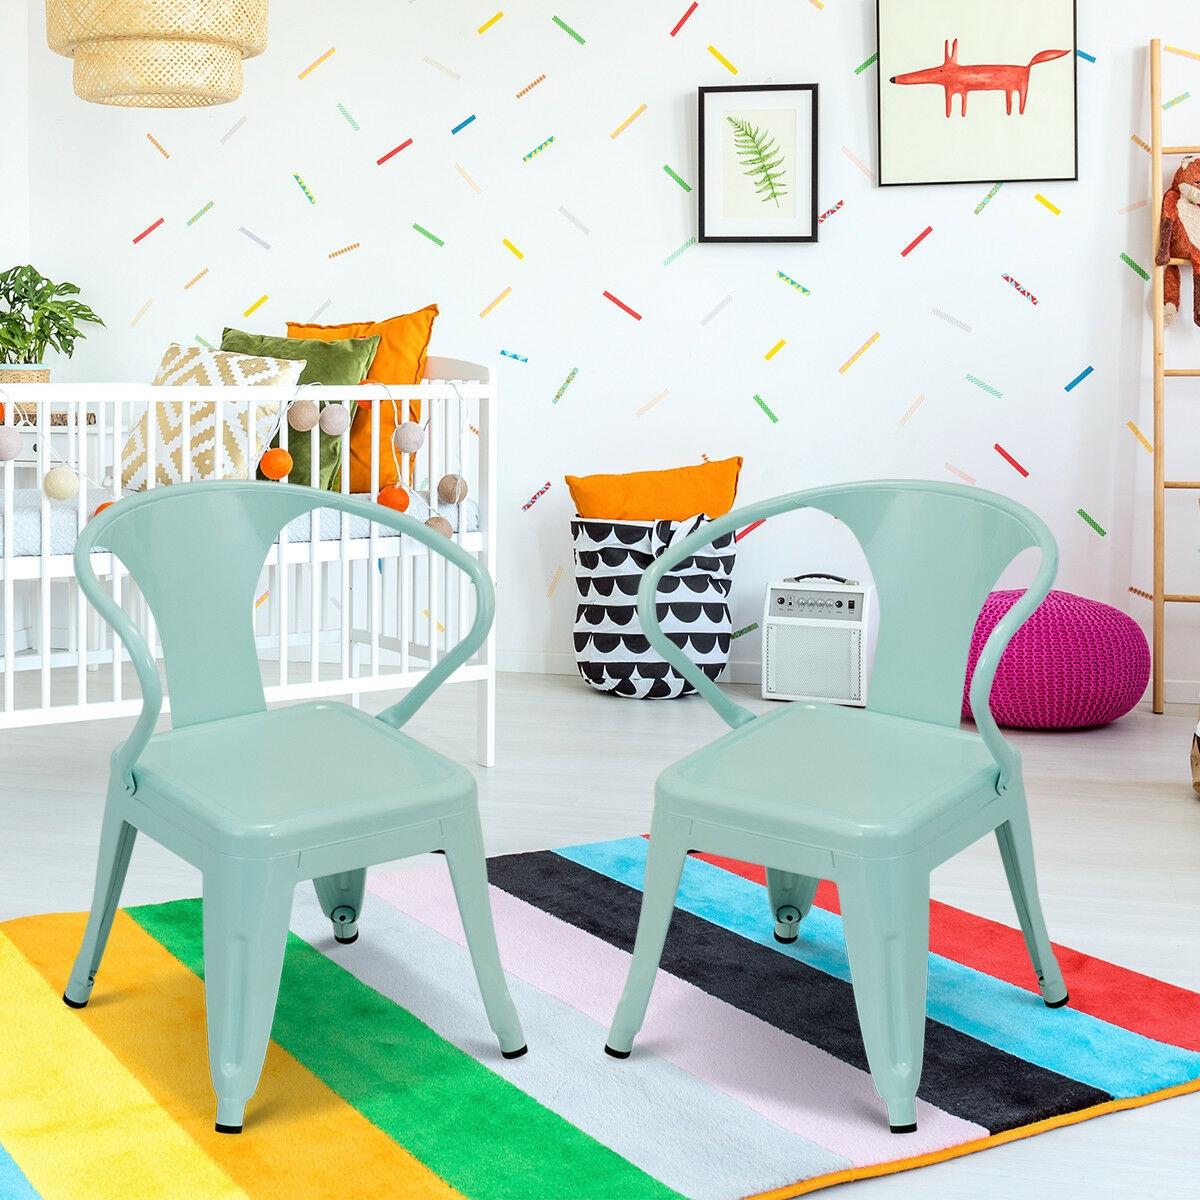 Set of 2 Kids Tolix Chair Steel Armchair Stackable Indoor Outdoor Furniture Pink